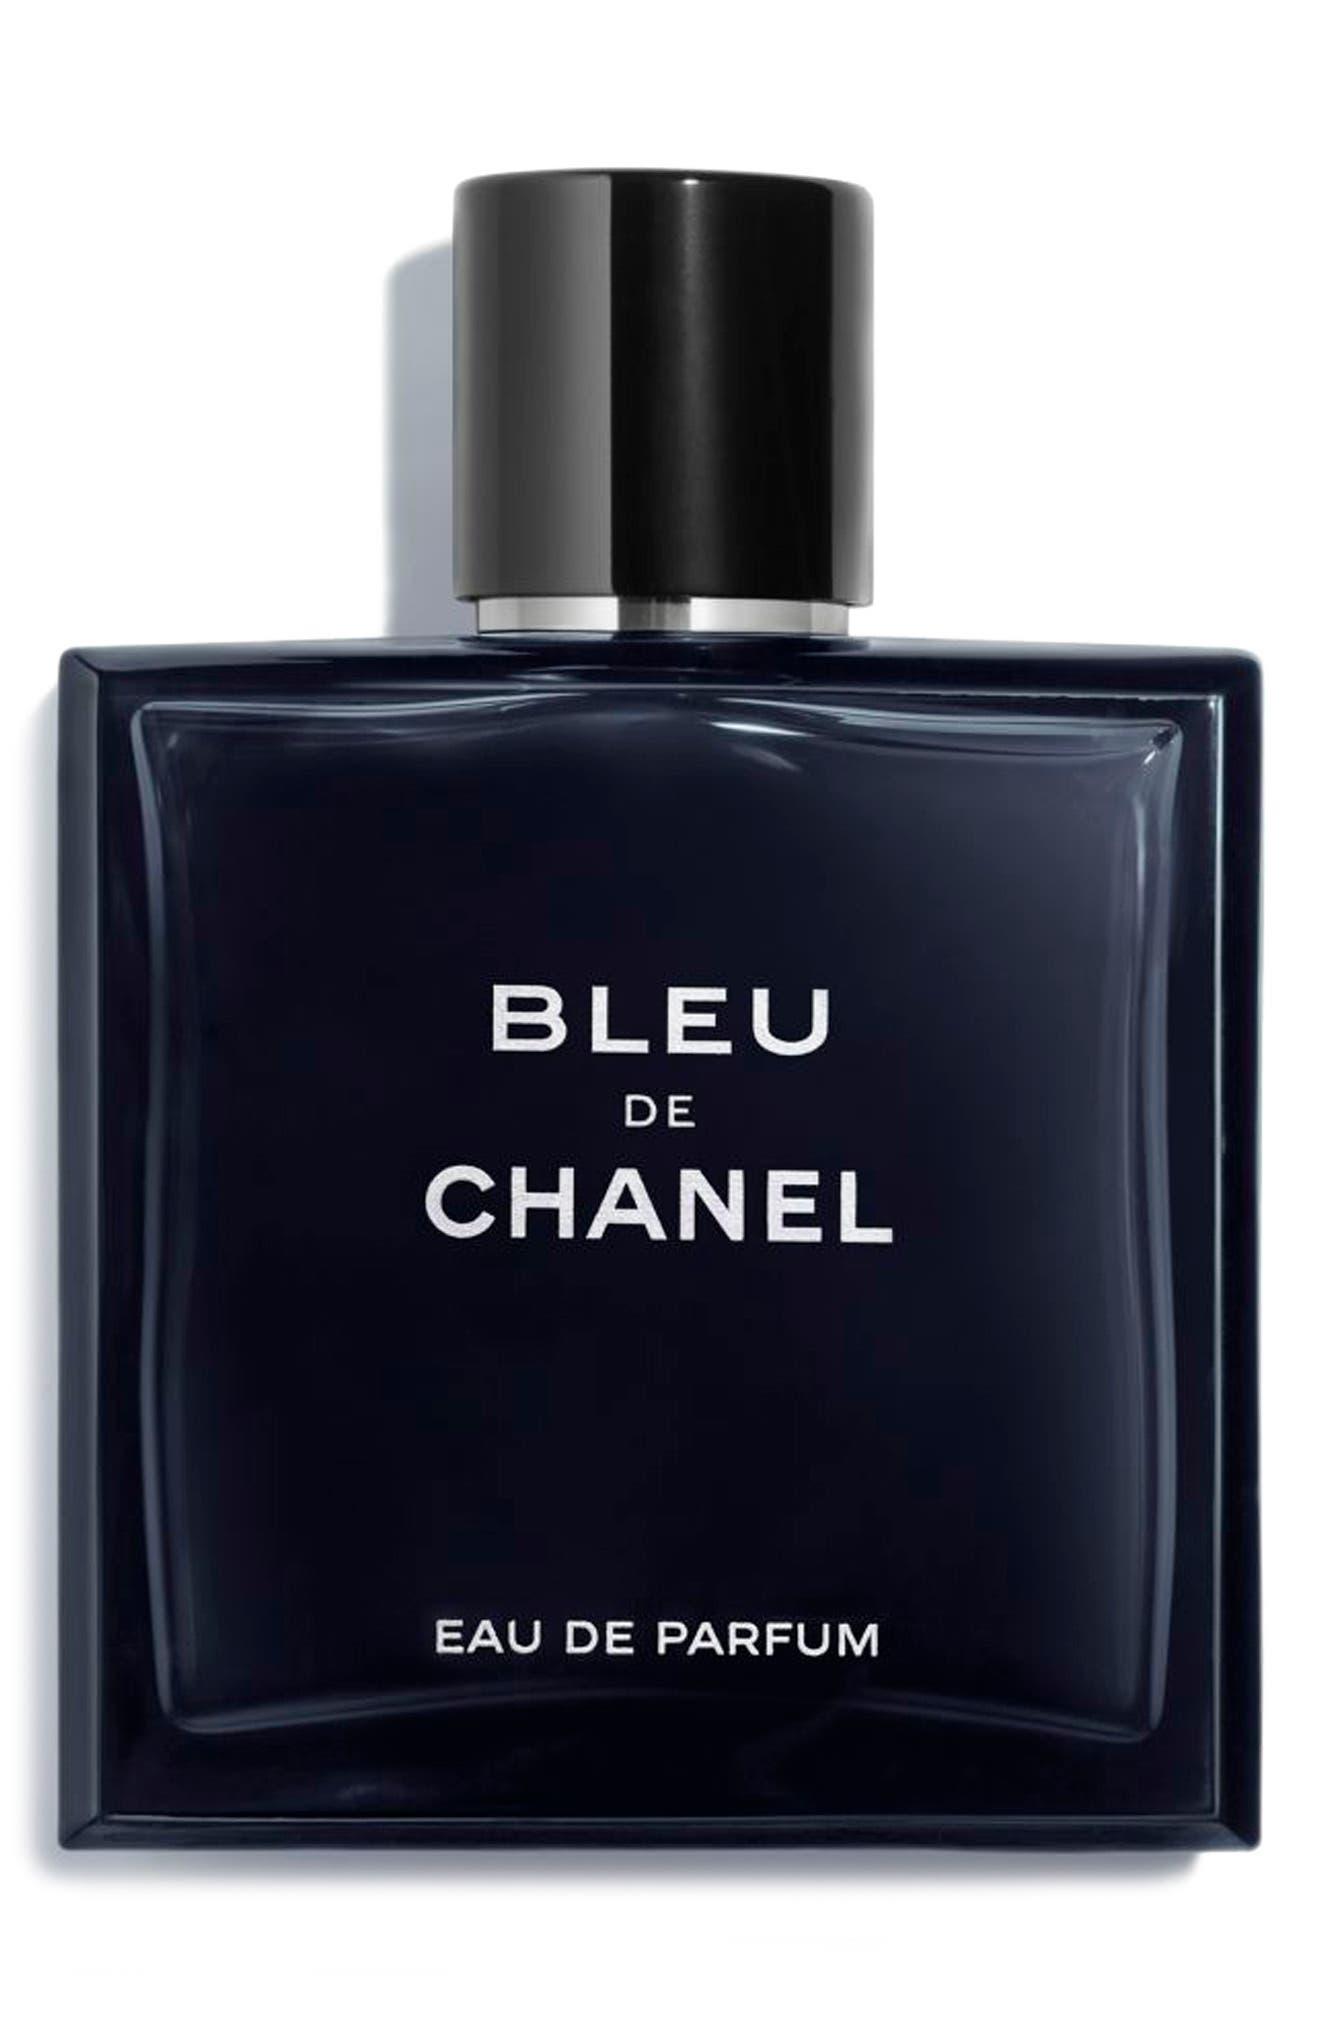 CHANEL BLEU DE CHANEL Eau de Parfum Pour Homme Spray, Main, color, NO COLOR